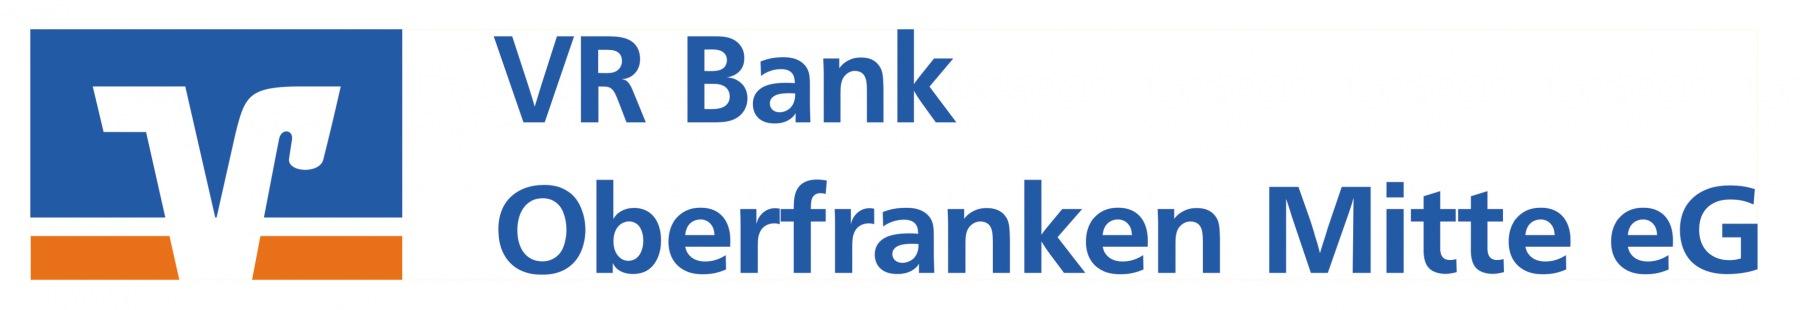 VR-Bank Oberfranken Mitte eG_Zweizeilig - Pfad